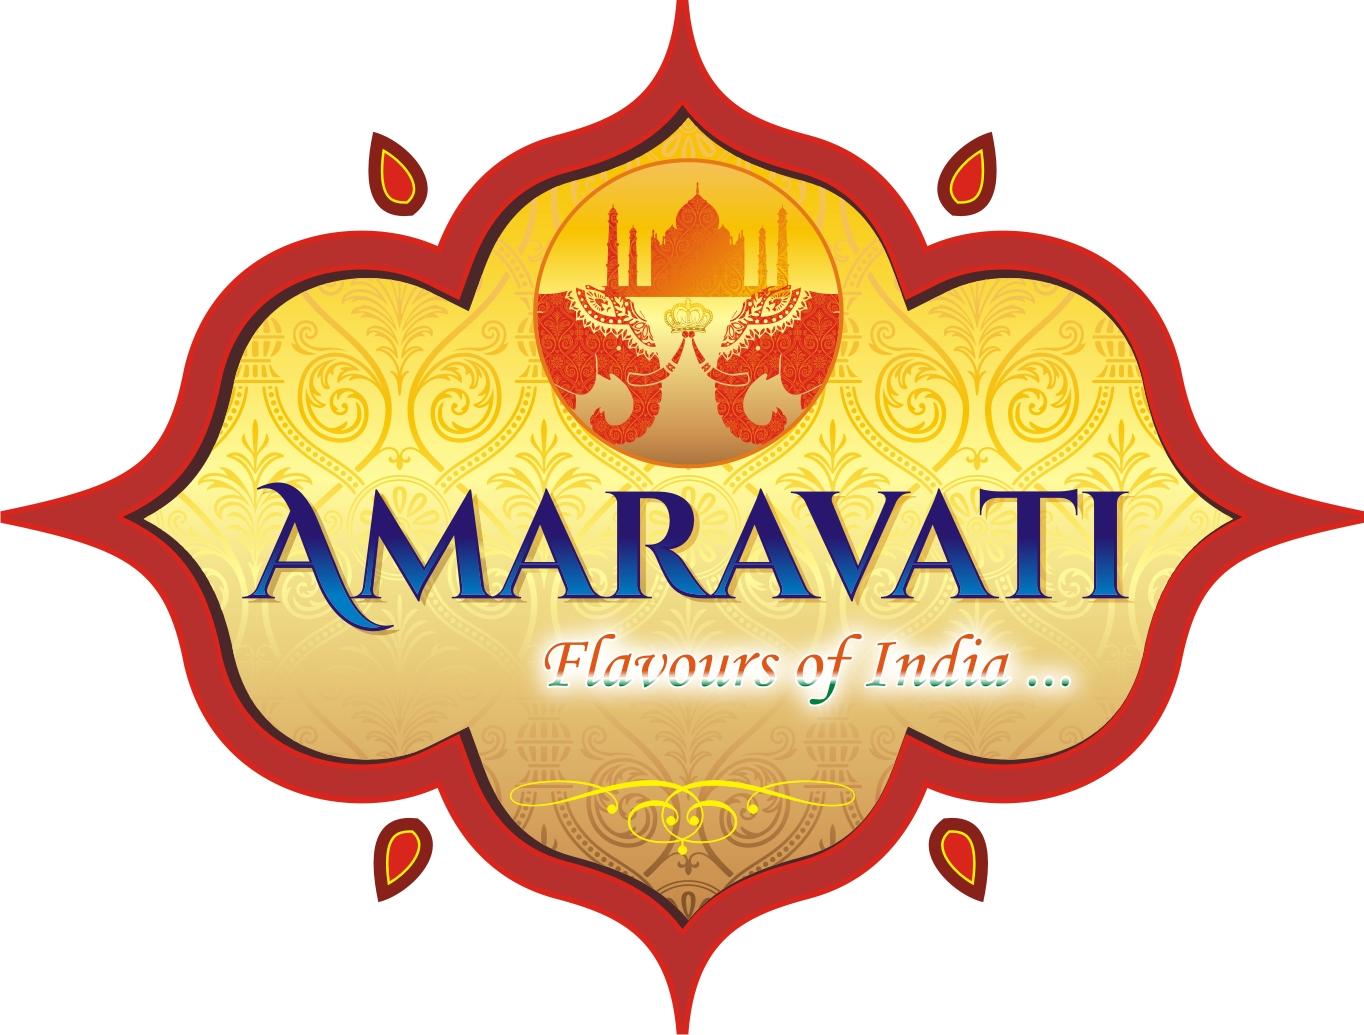 Amaravati - Flavors Of India